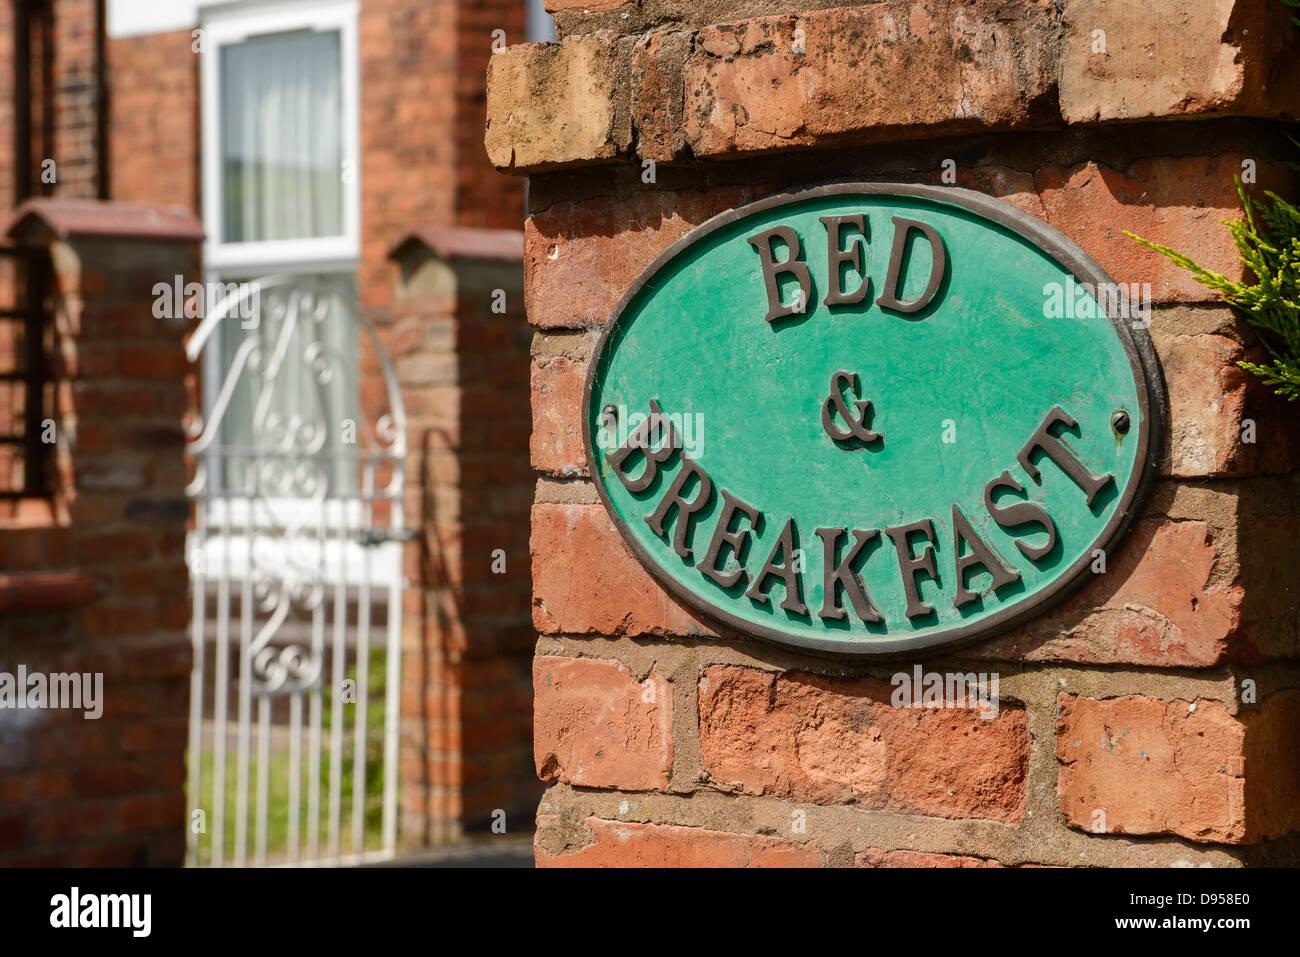 Bed and Breakfast firmar Imagen De Stock